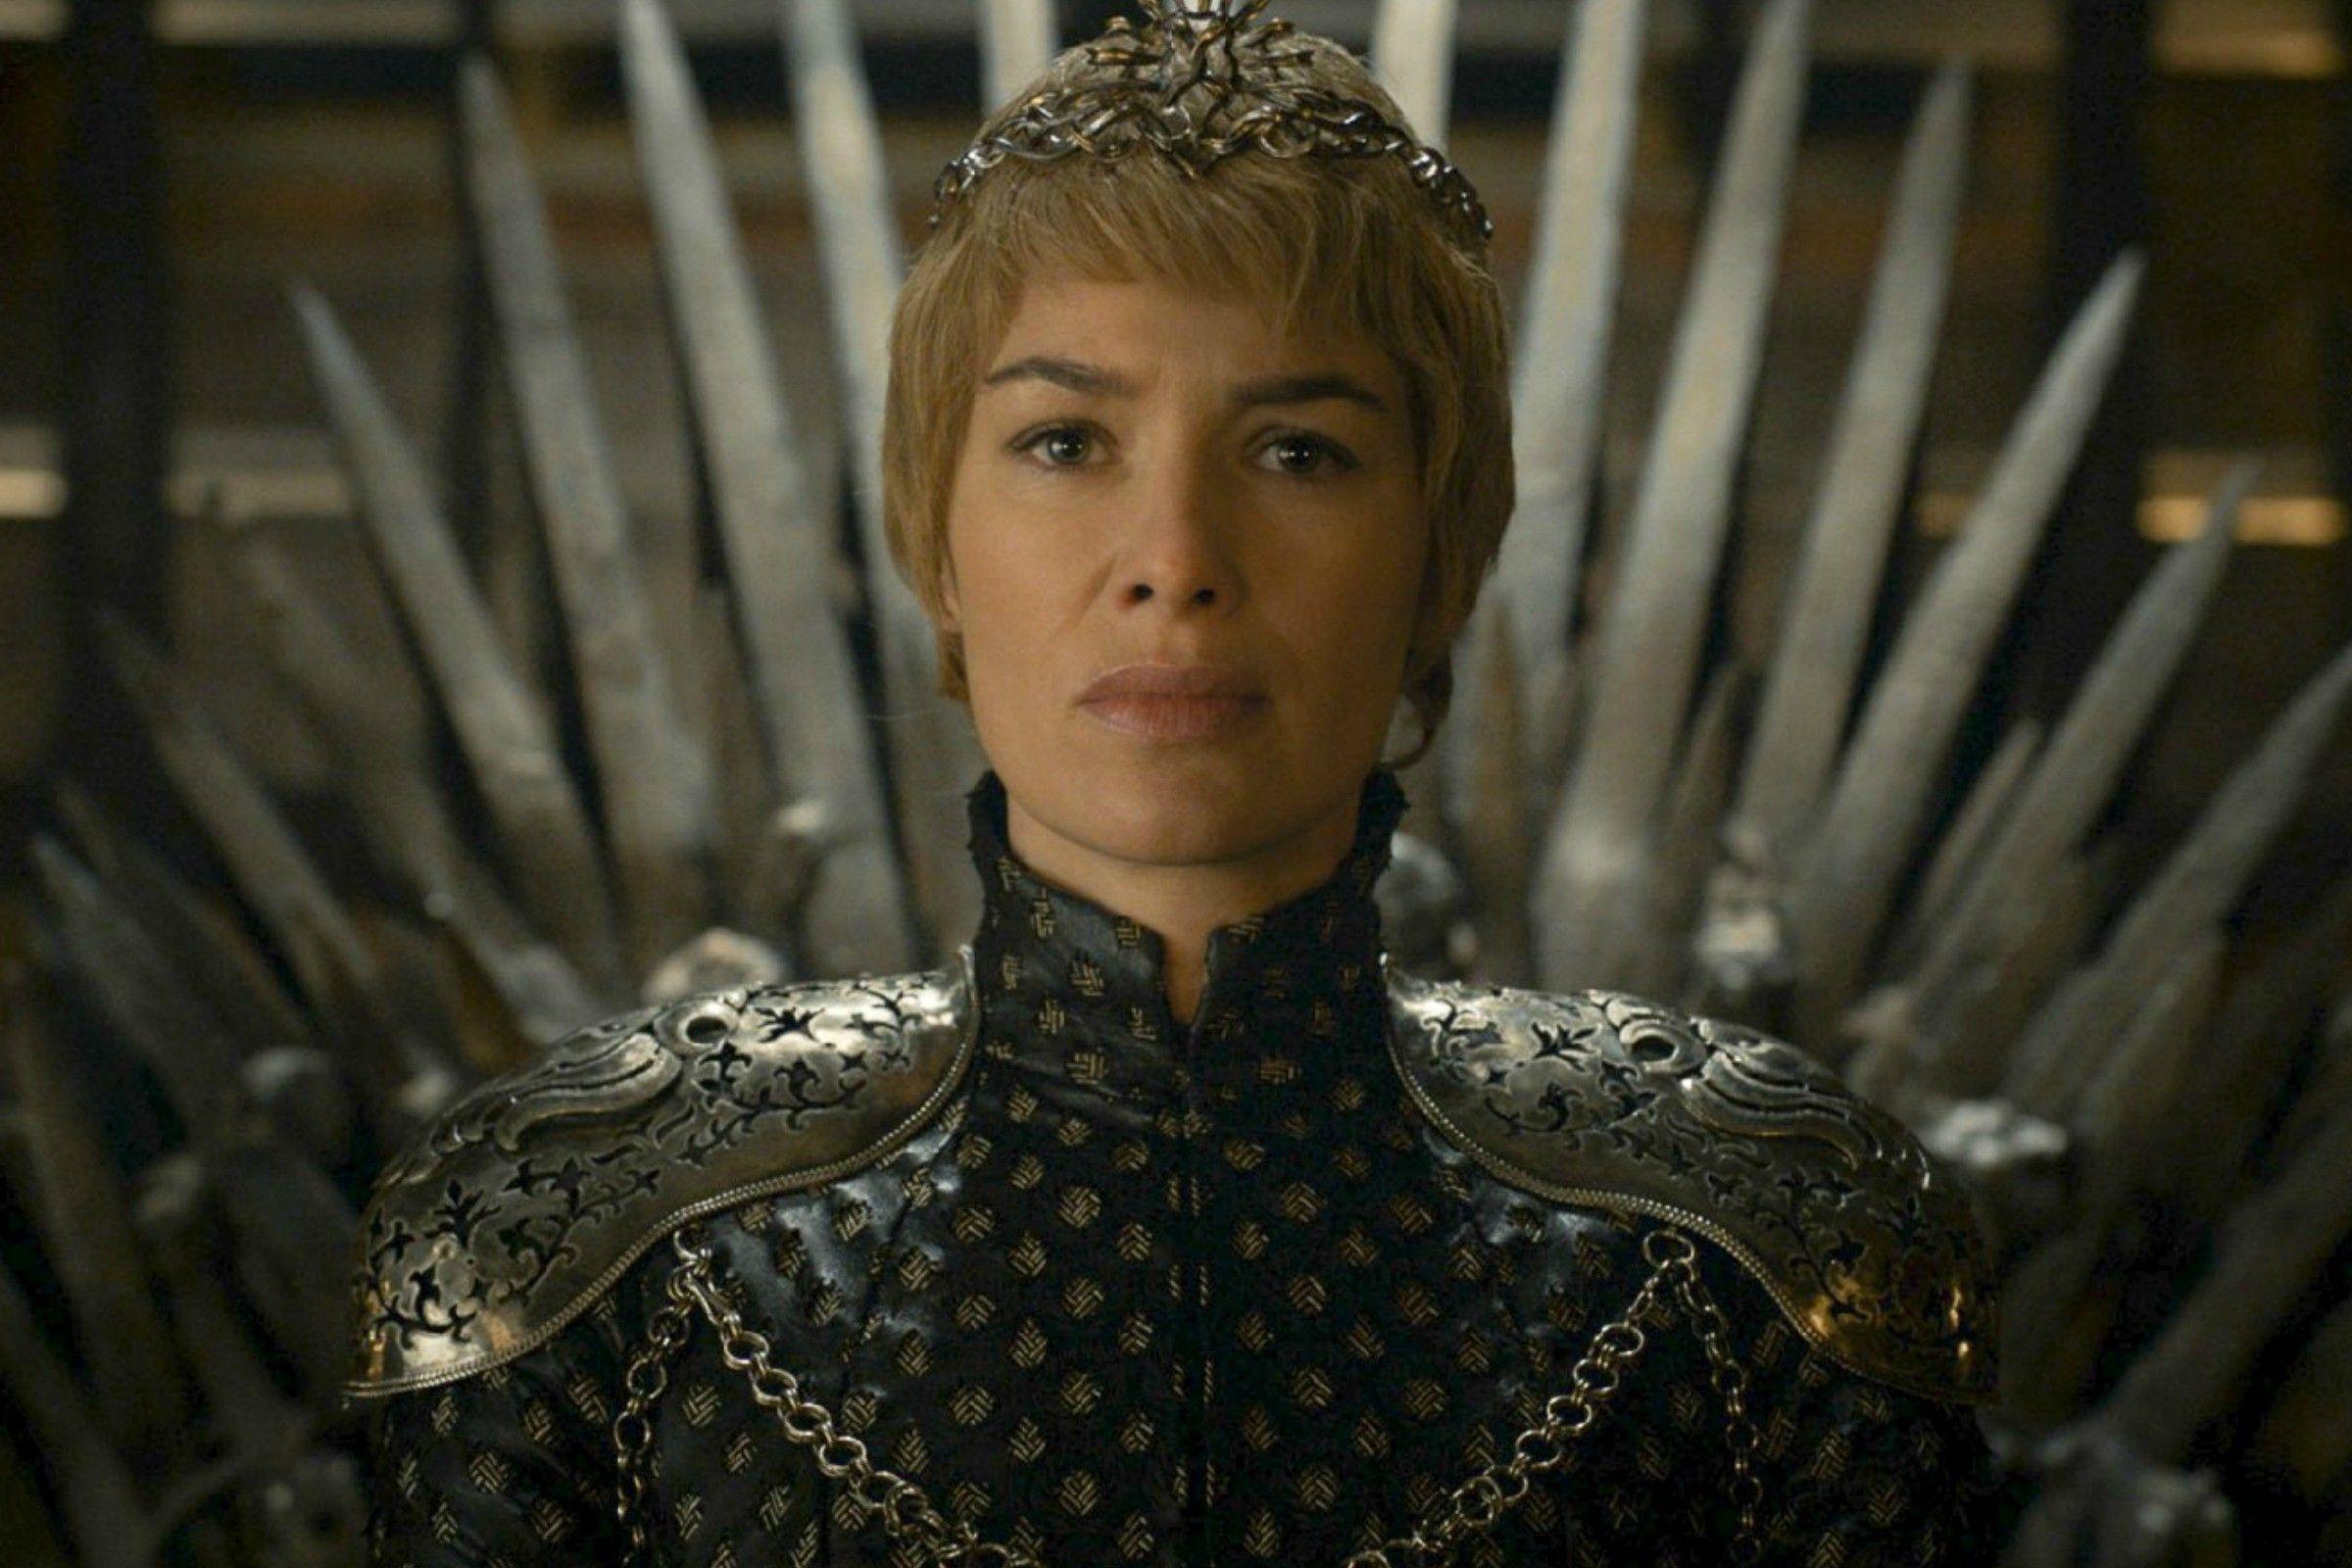 Oficial: Última temporada de 'Guerra dos Tronos' chega em abril de 2019